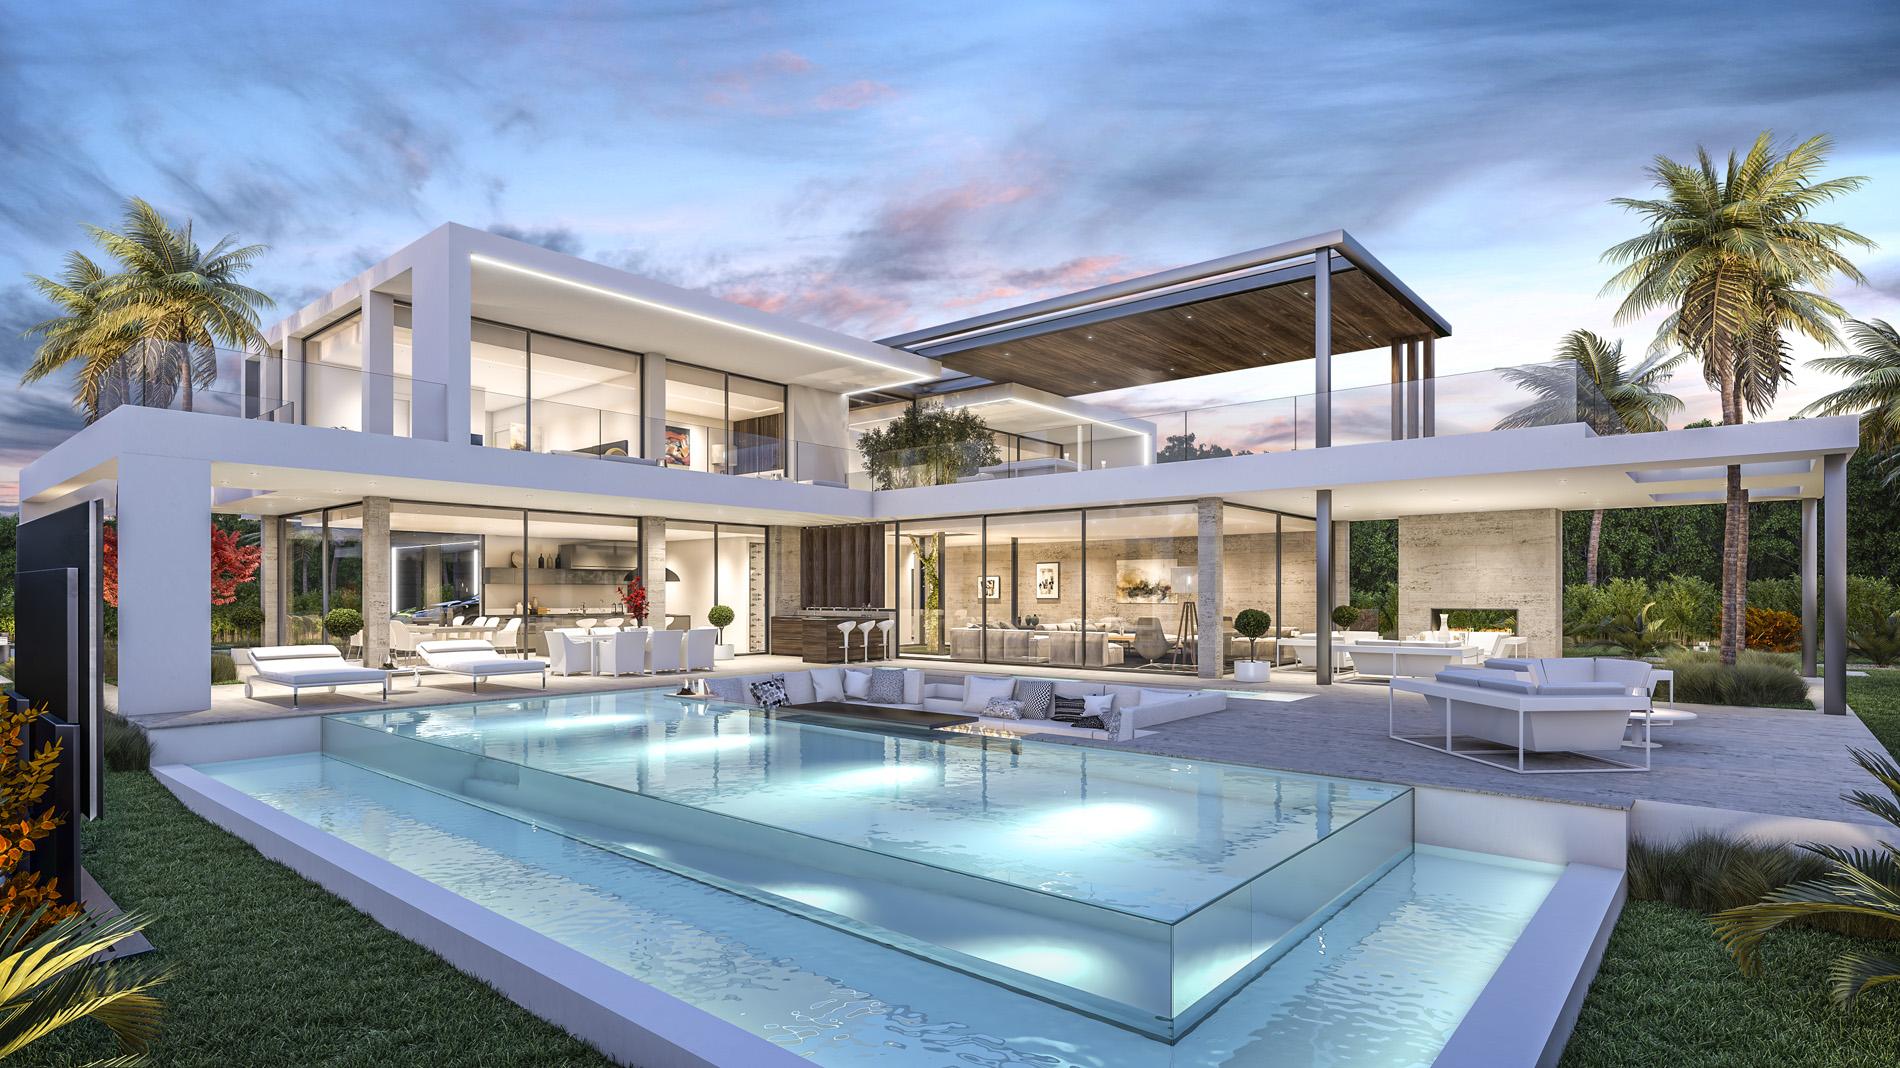 Ref:359-00054P Villa For Sale in Estepona